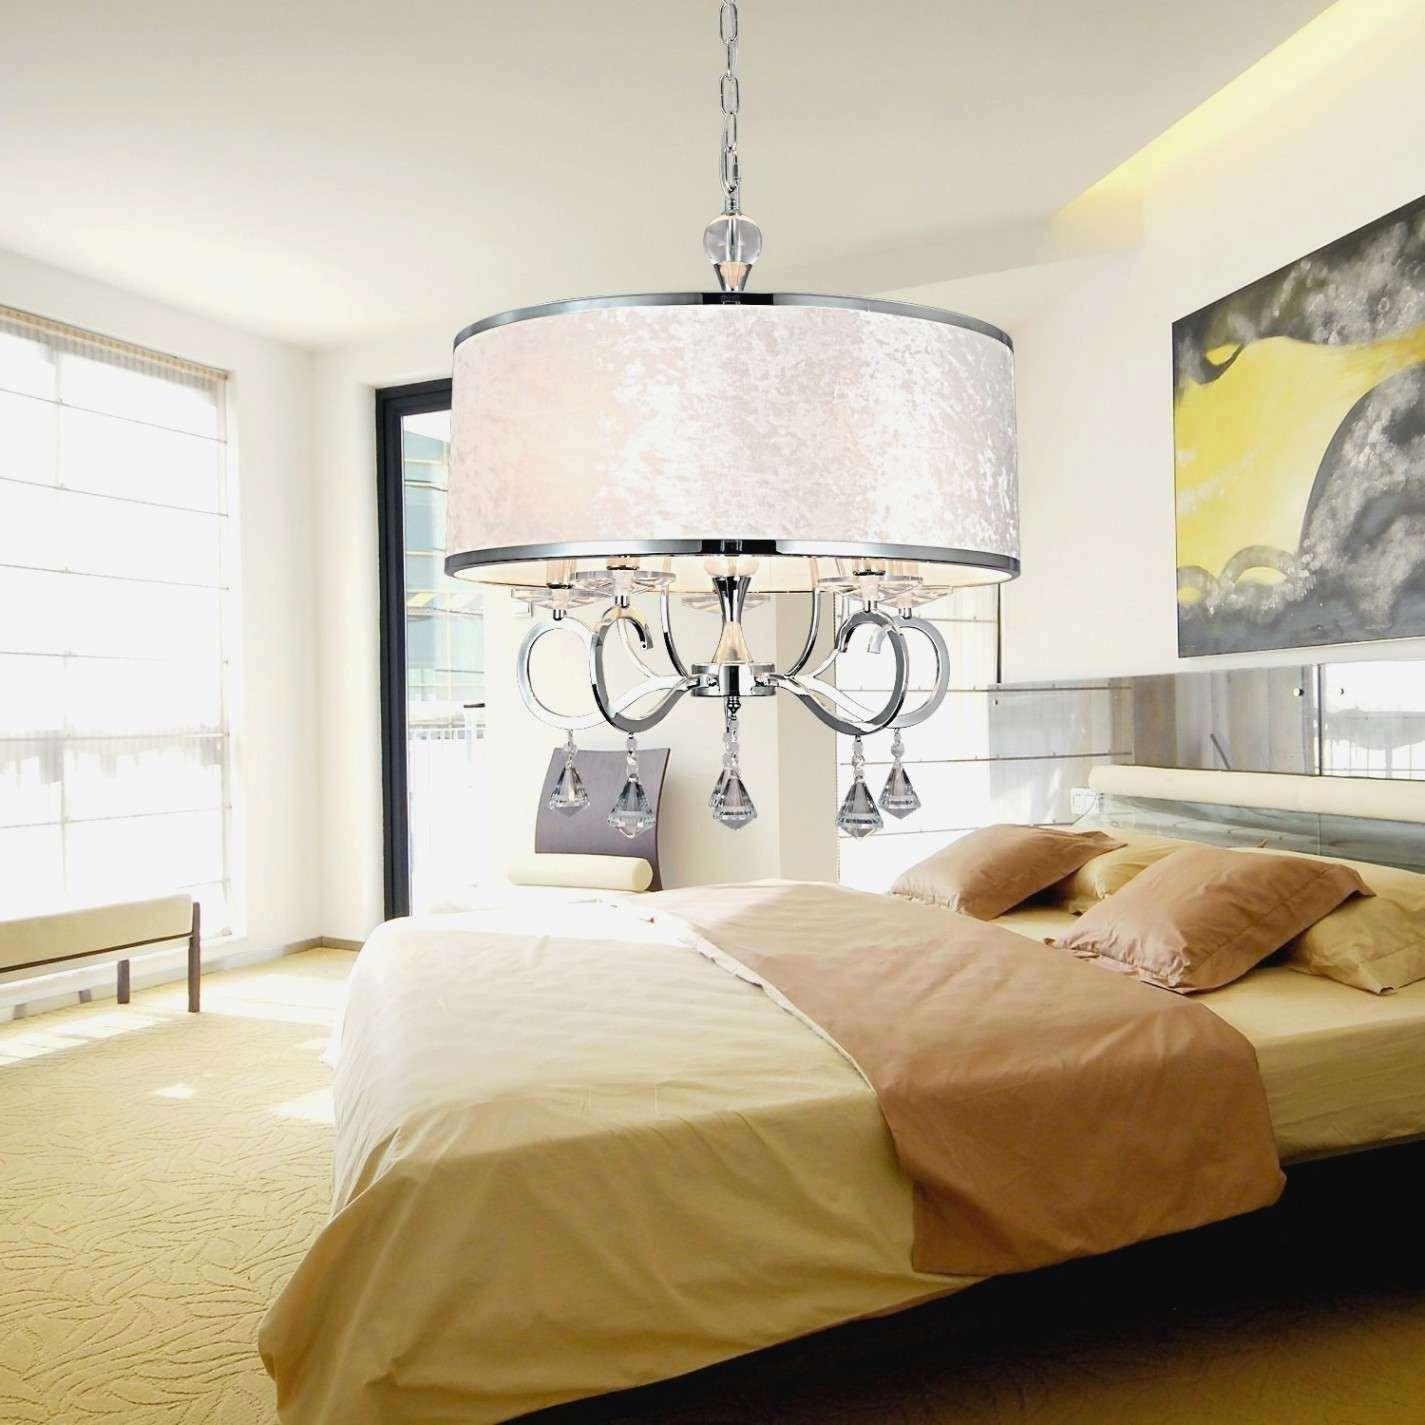 Full Size of Luxus Atmosphre Warm Bett Schlafzimmer Deckenleuchte Runde Led Massivholz Deckenlampe Stuhl Panel Küche Stehlampe Rauch Sofa Leder Deckenleuchten Wandlampe Schlafzimmer Led Deckenleuchte Schlafzimmer